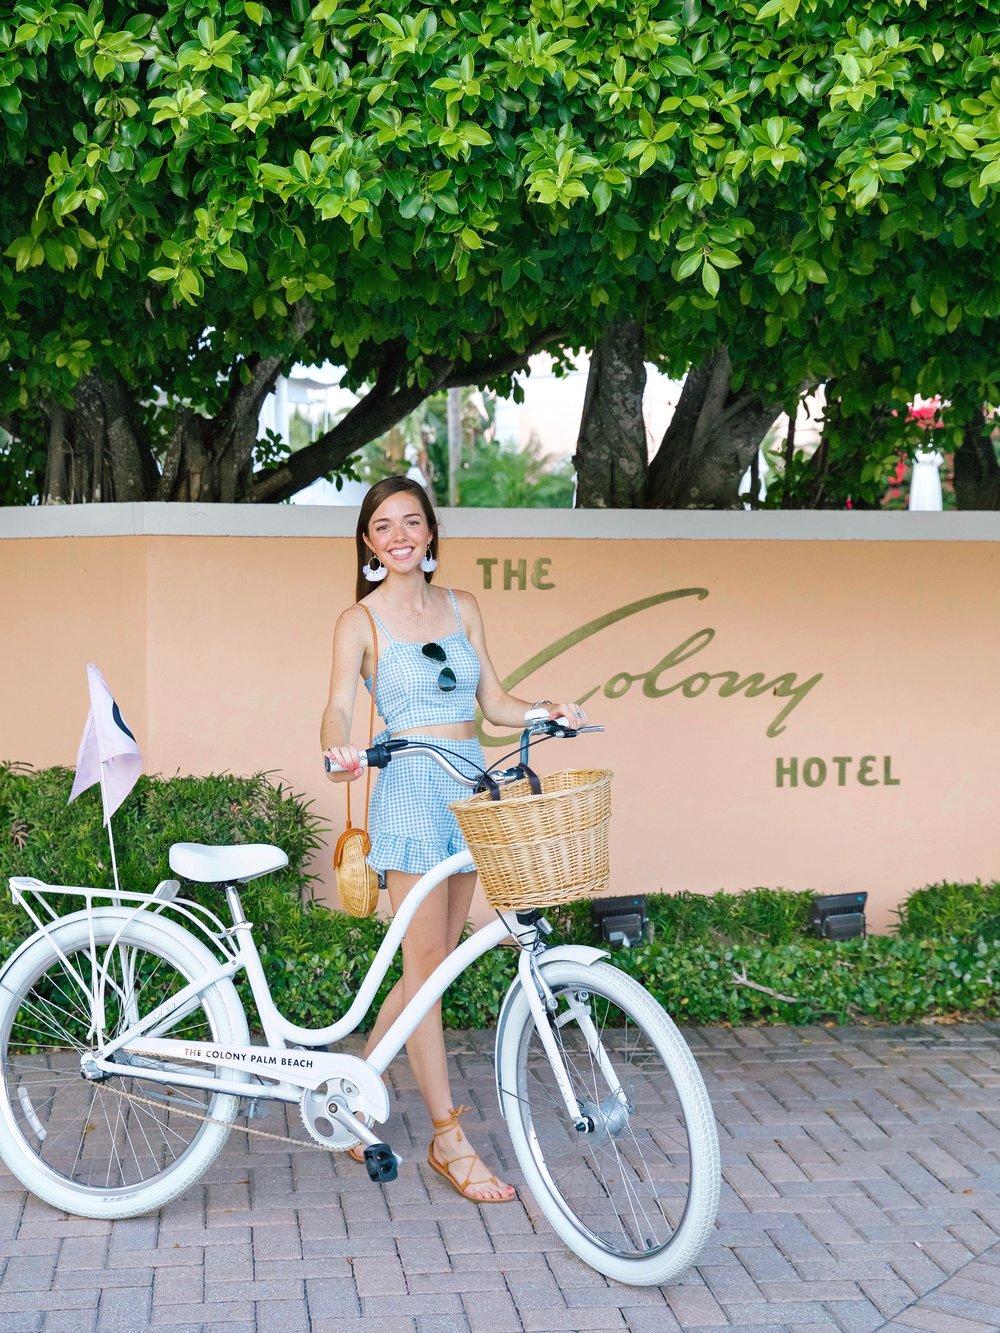 xLCB STYLE FASHION BLOGGER COLONY HOTEL PALM BEACH-3 copy.jpg